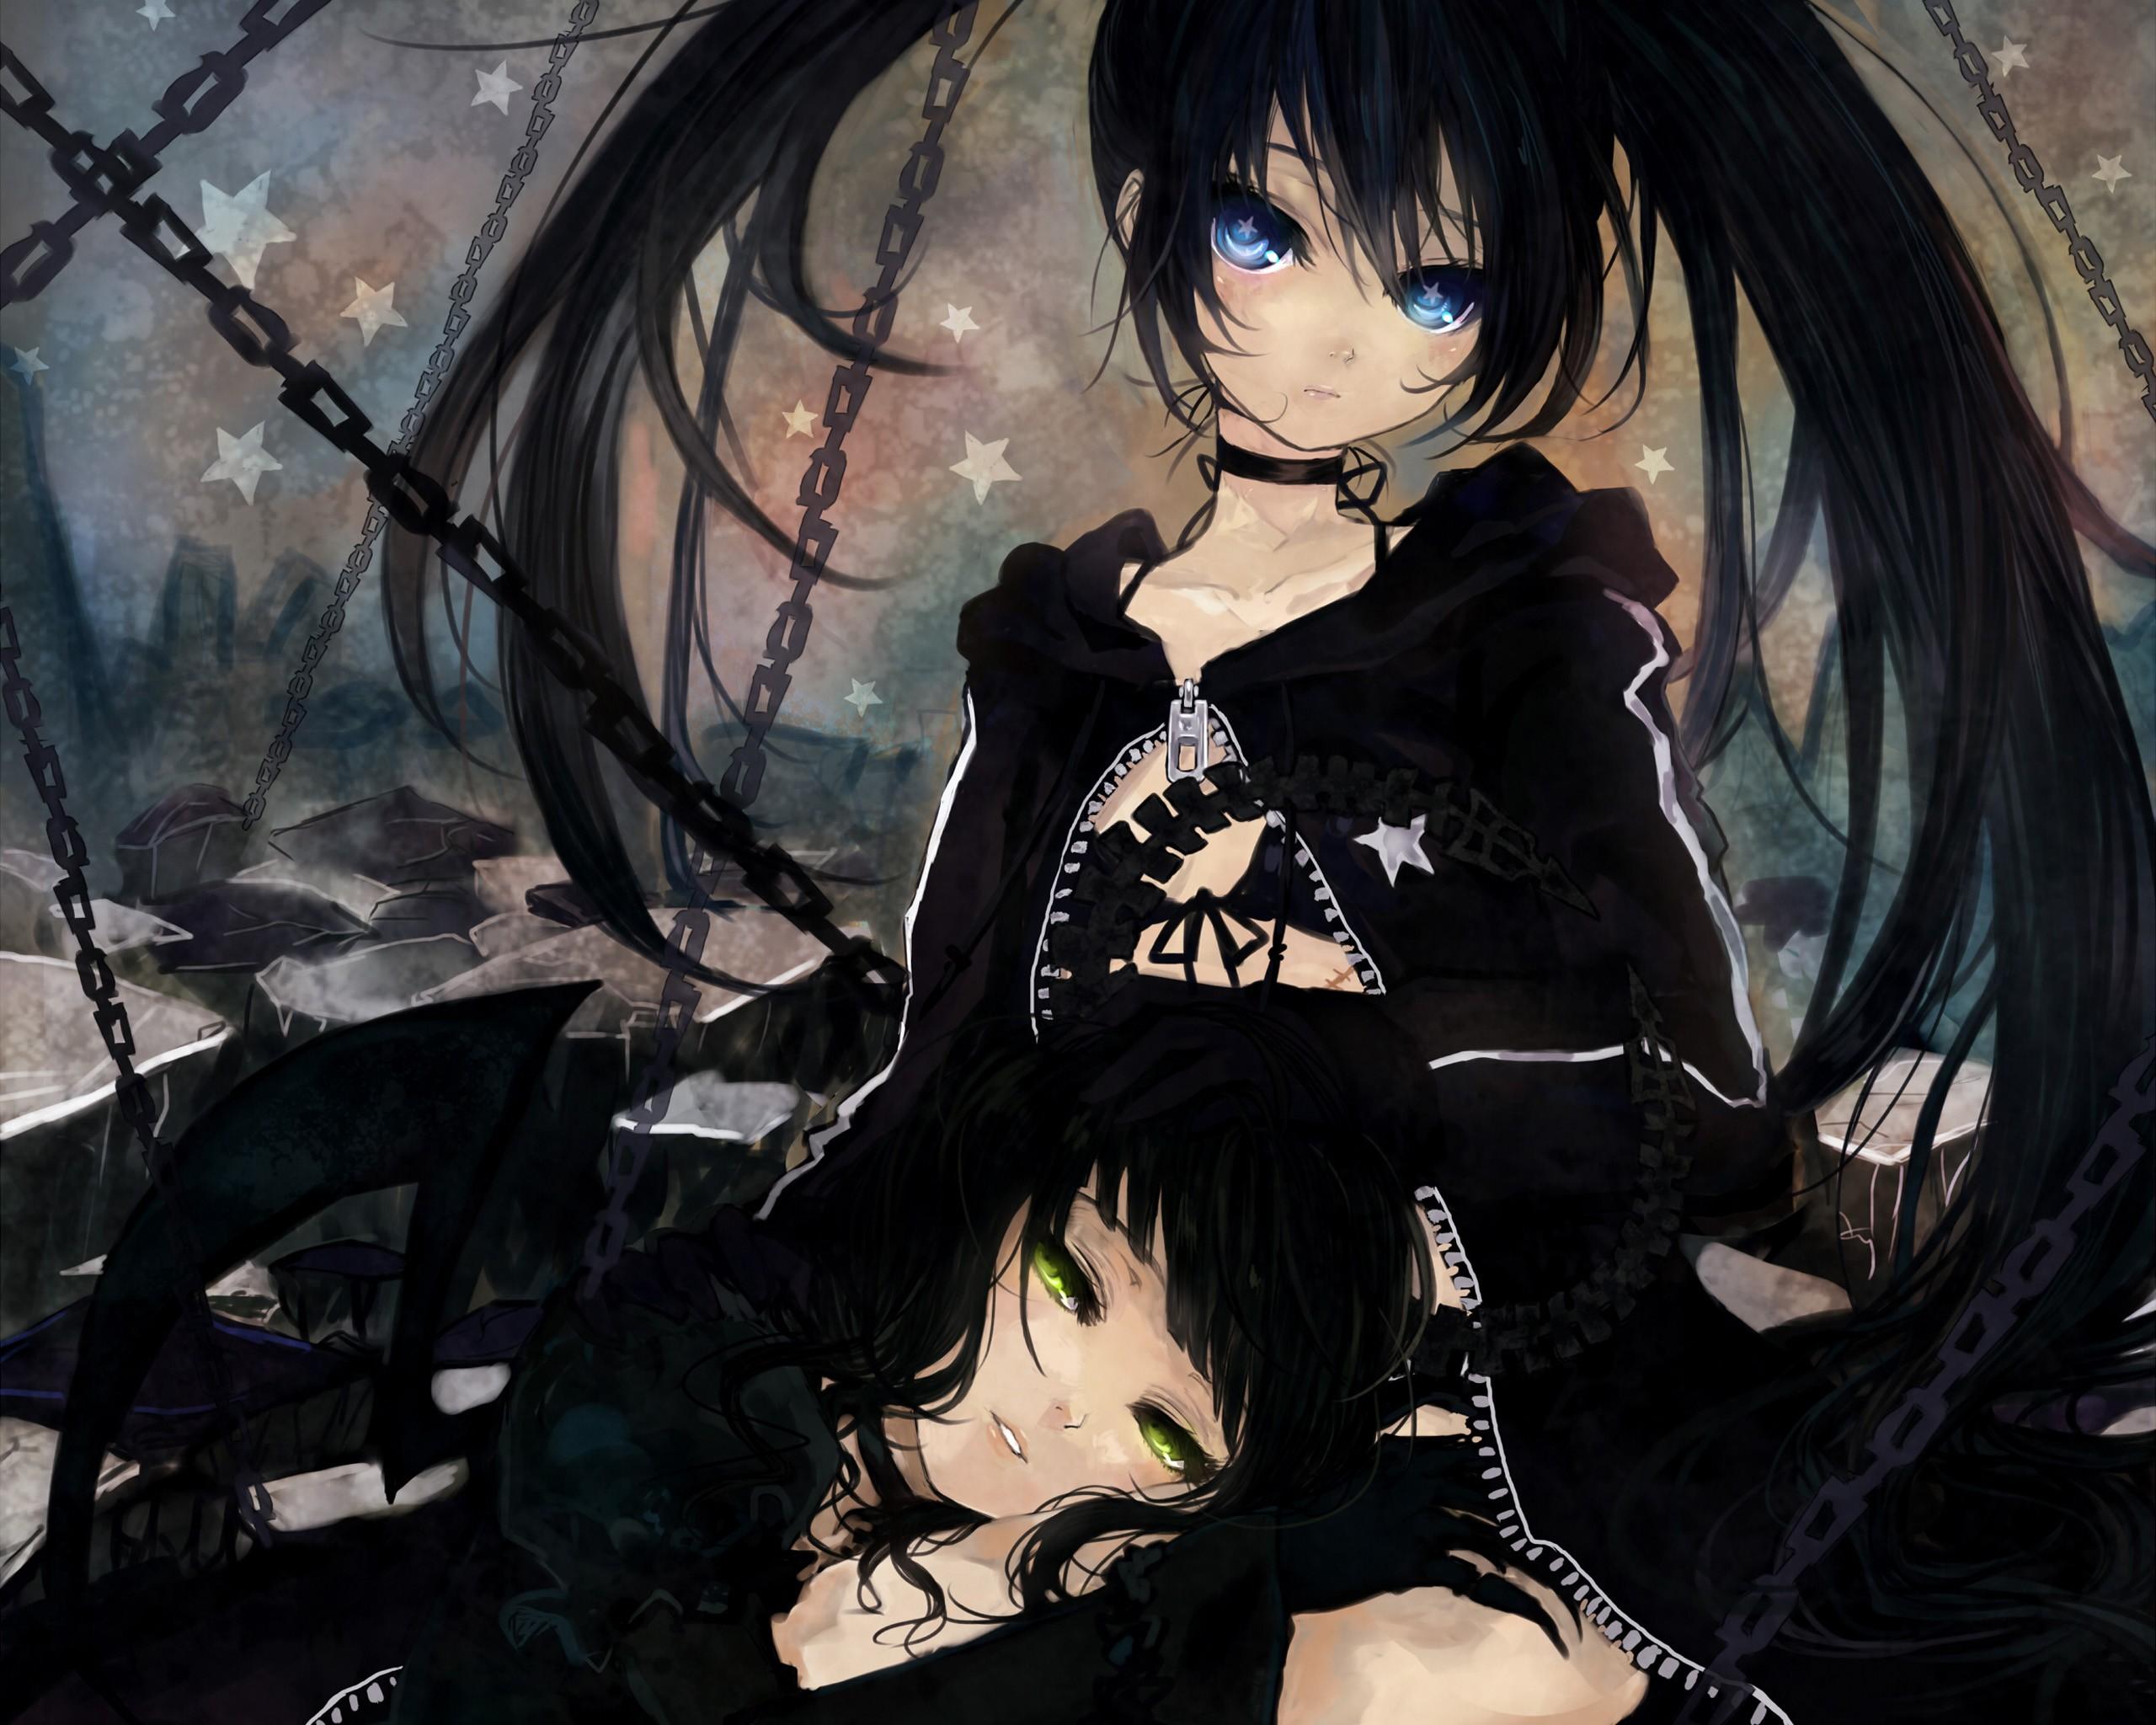 Темные картинки аниме девушек